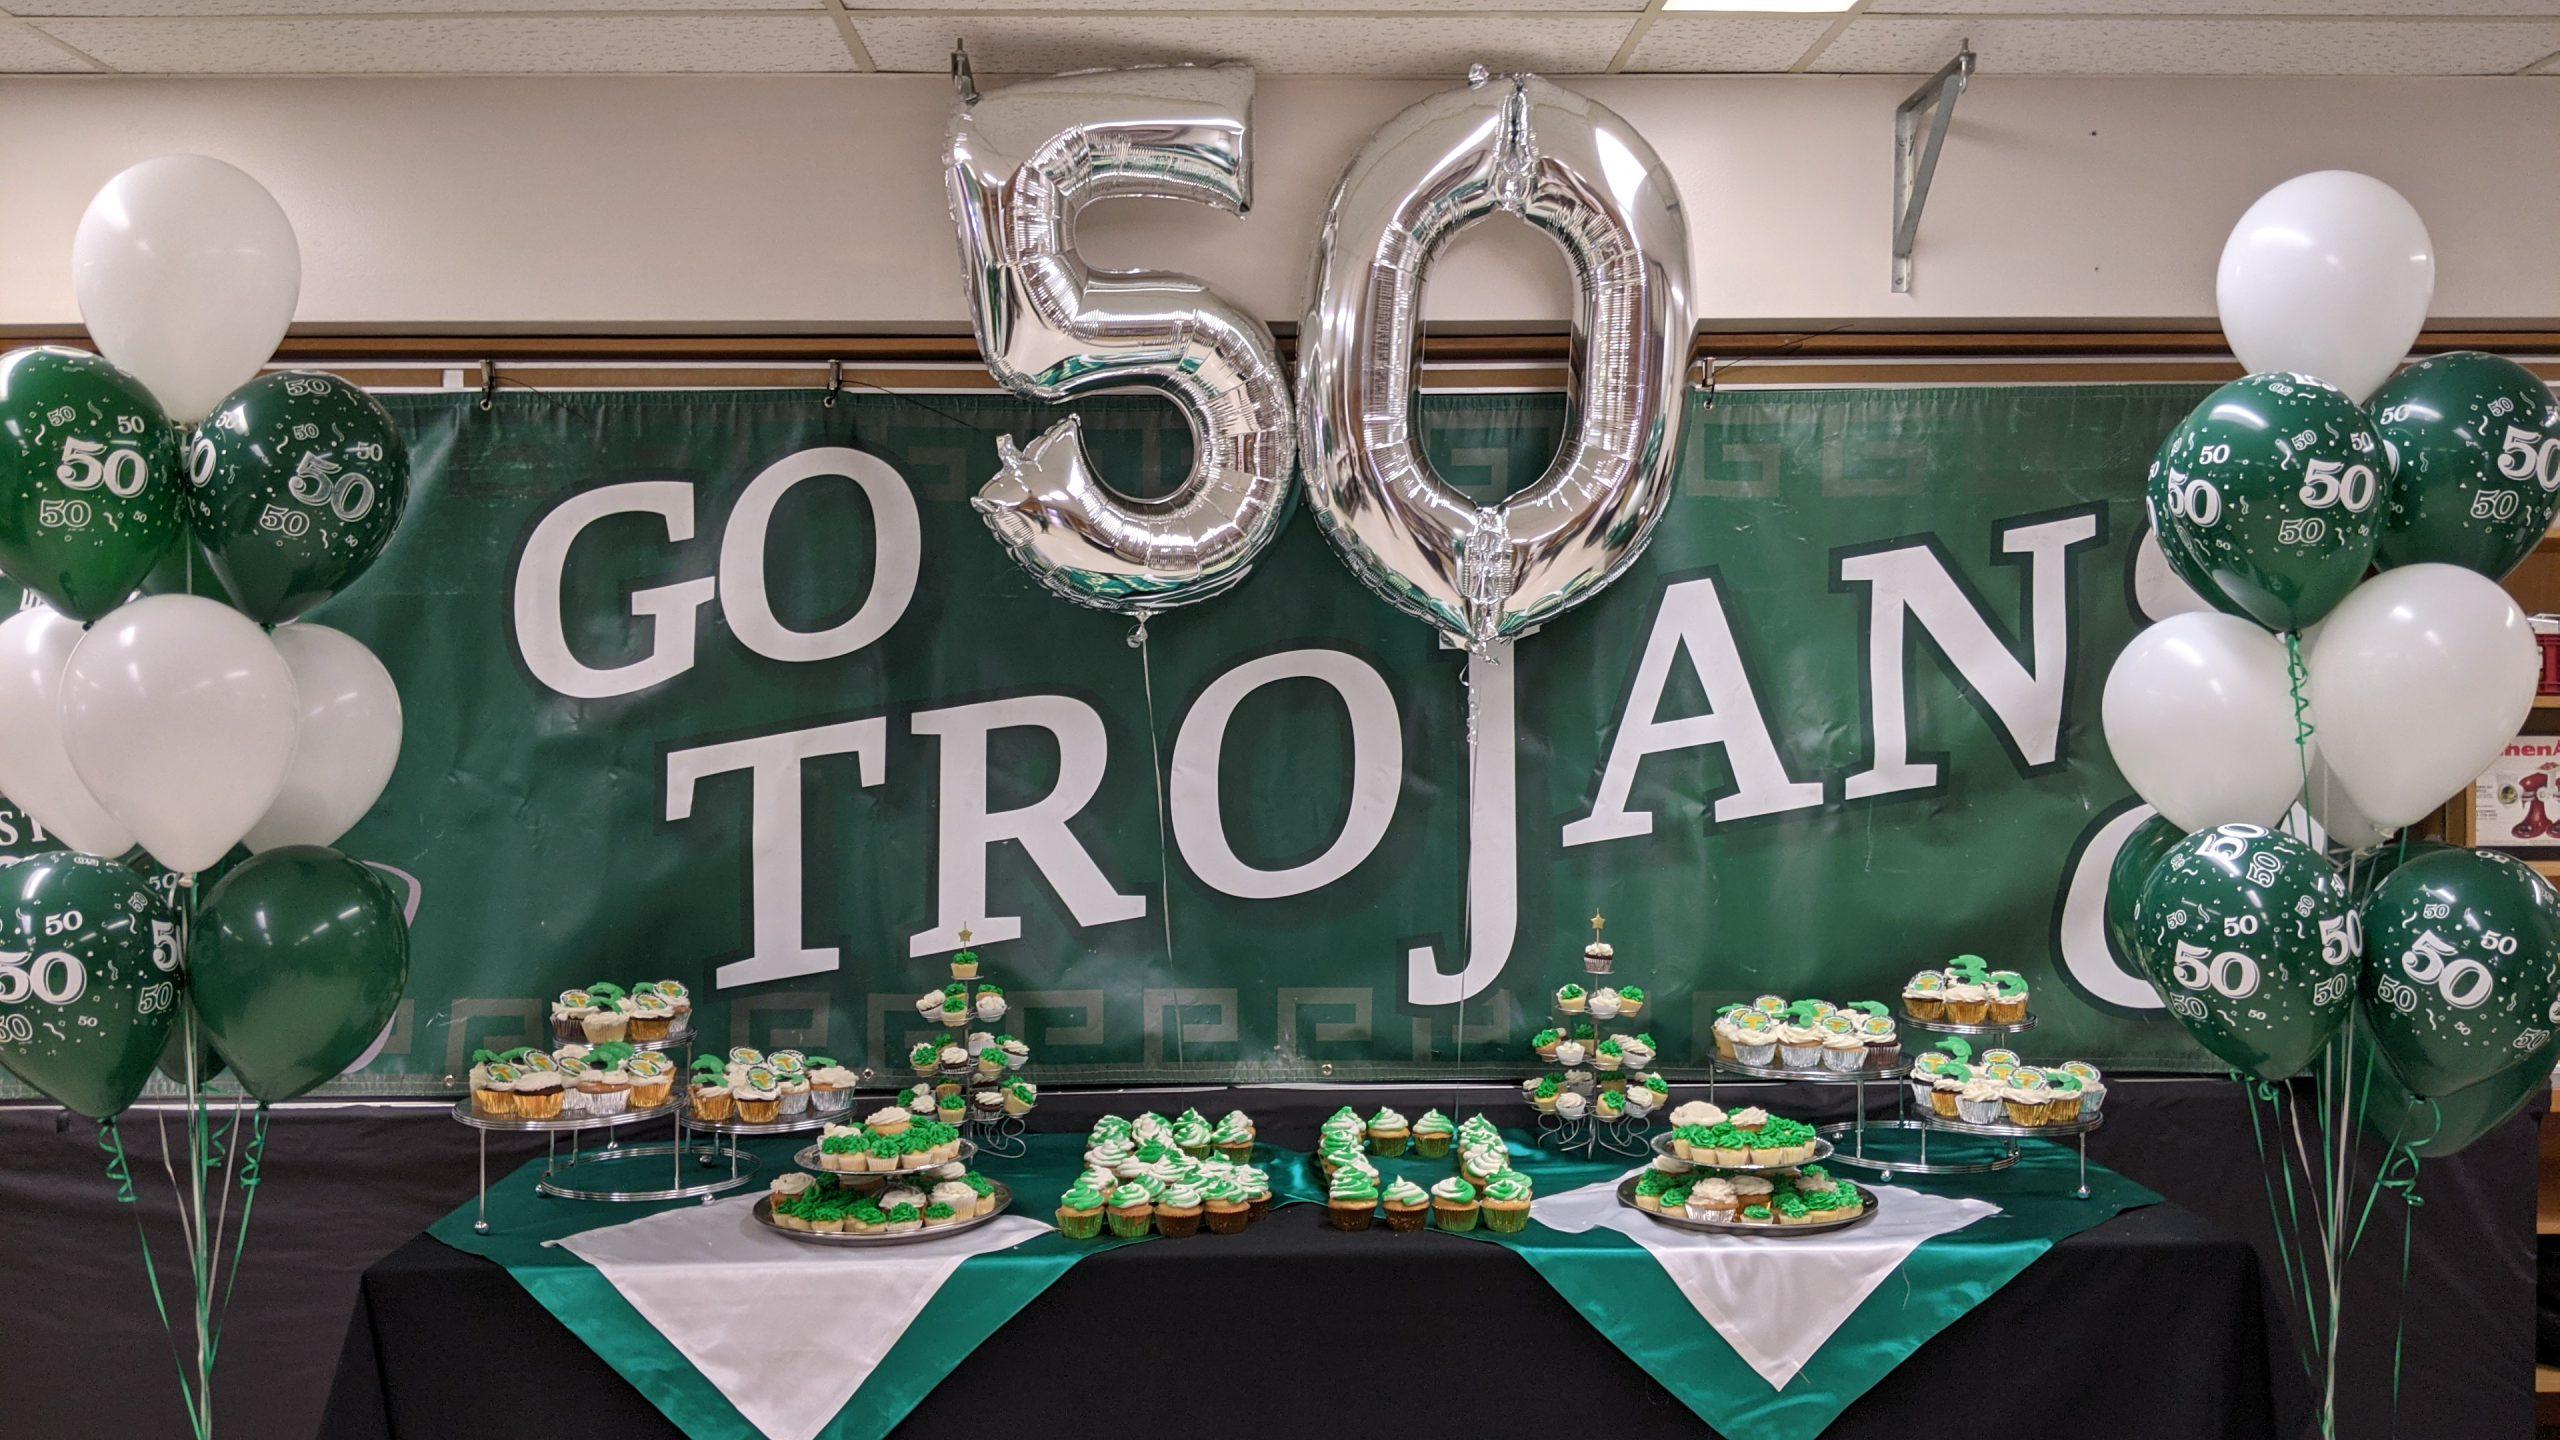 Trojan 50